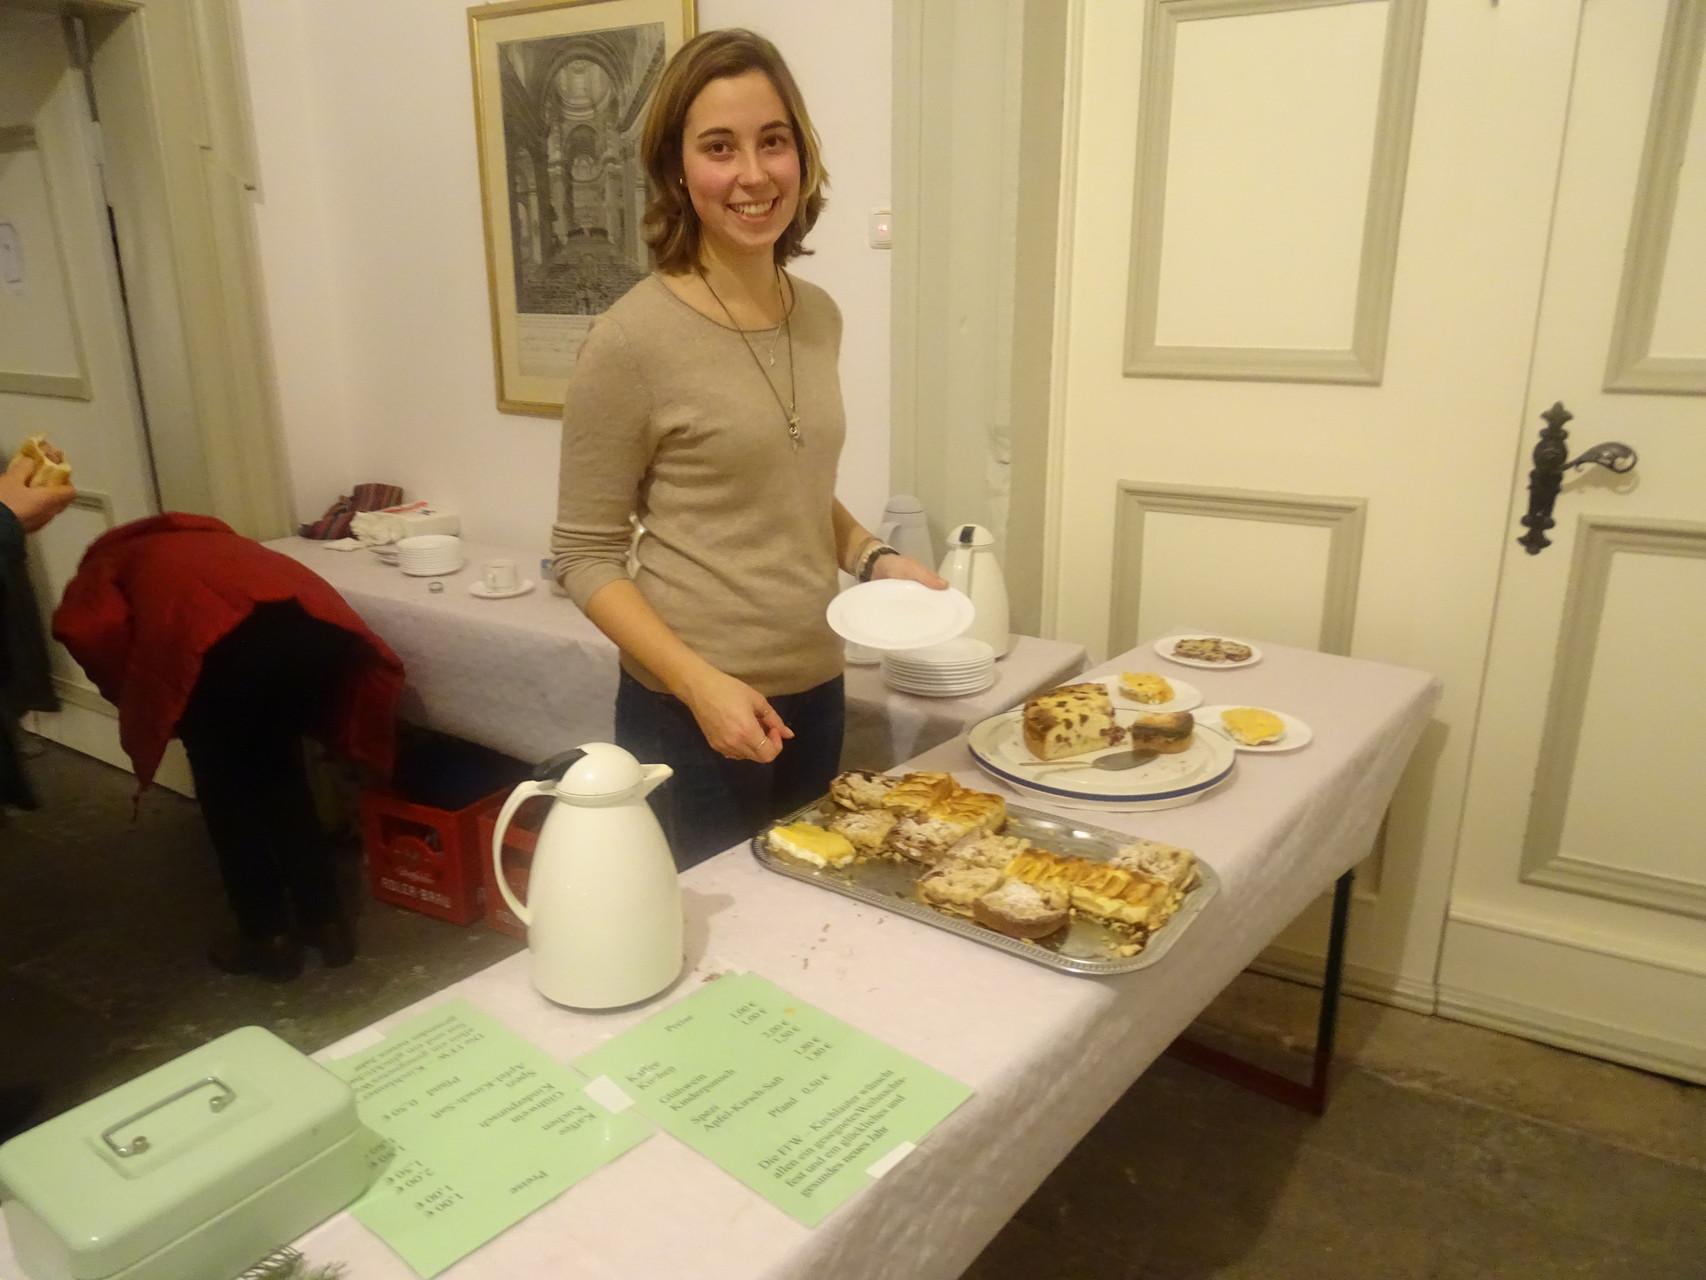 ... Kaffee & Kuchen im Schloss verkauft und in der Bratwurstbude zusammengearbeitet.